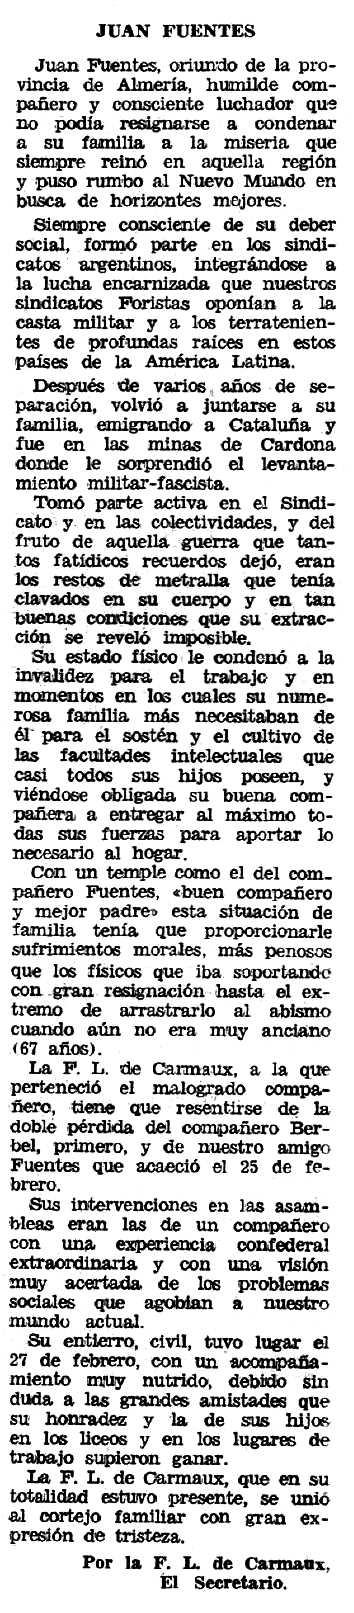 """Necrològica de Juan Fuentes Torres apareguda en el periòdic tolosà """"Espoir"""" del 12 d'abril de 1970"""